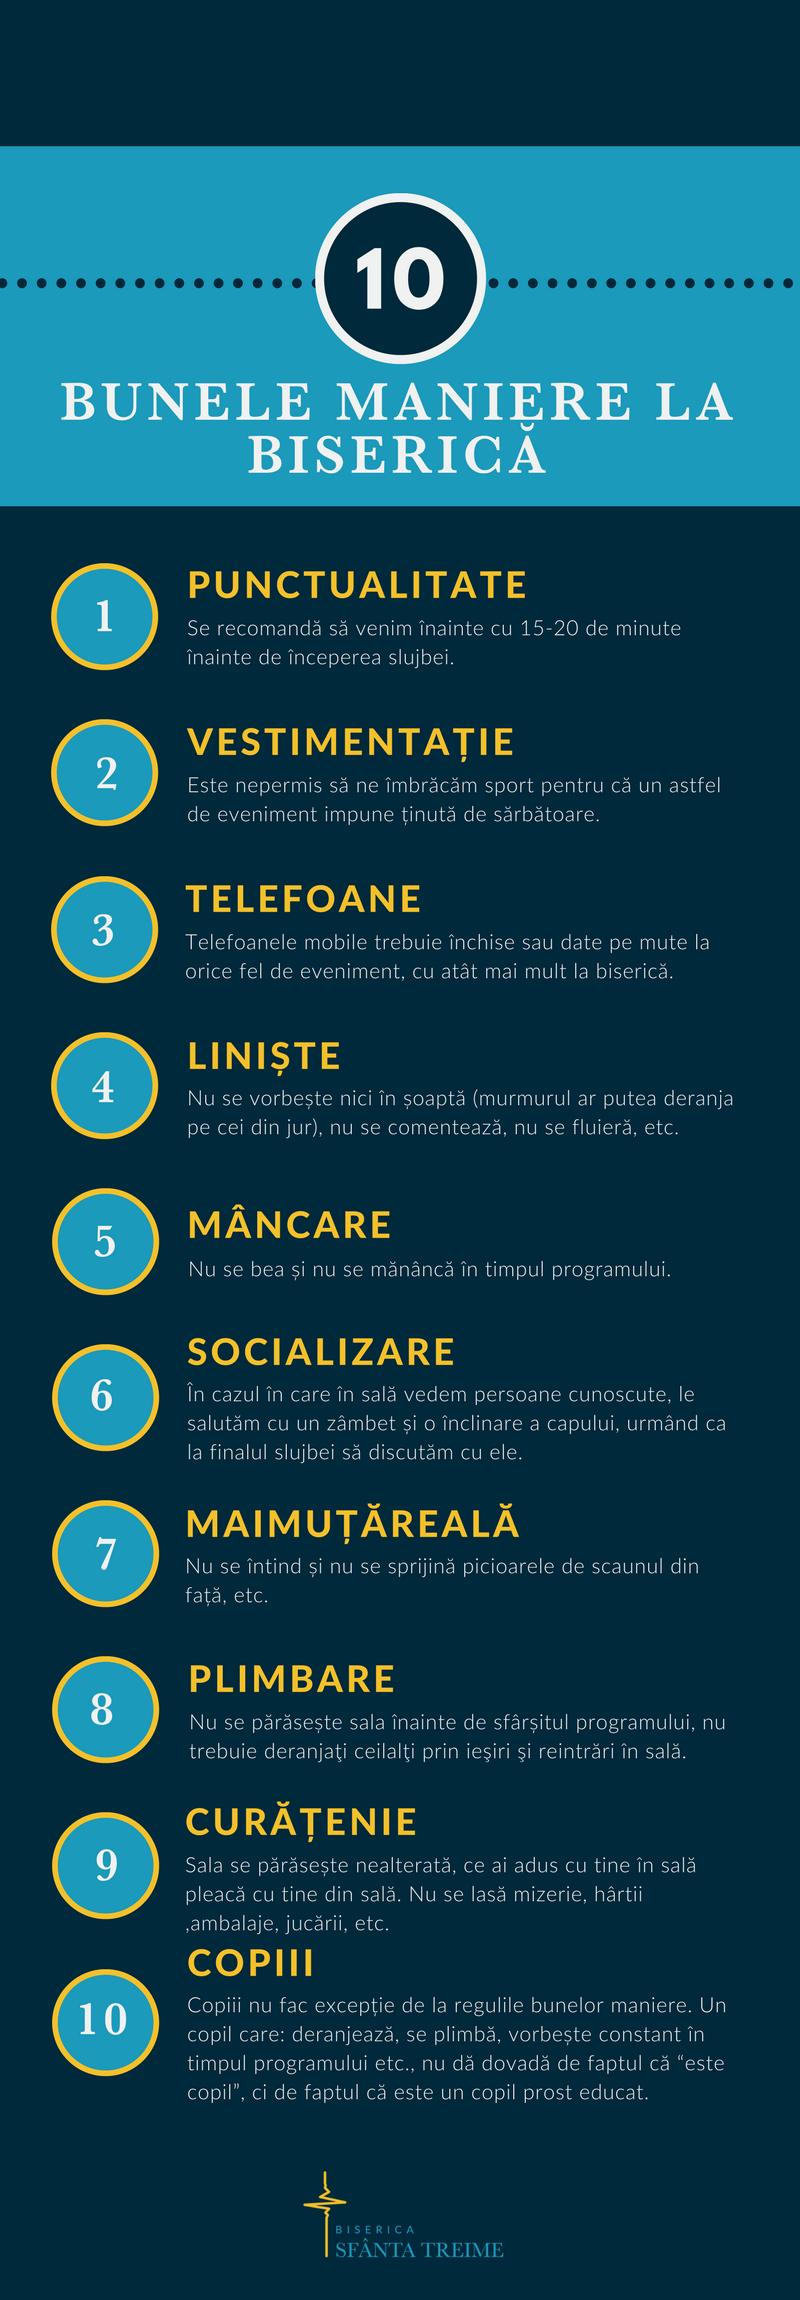 10 Reguli de comportare civilizata